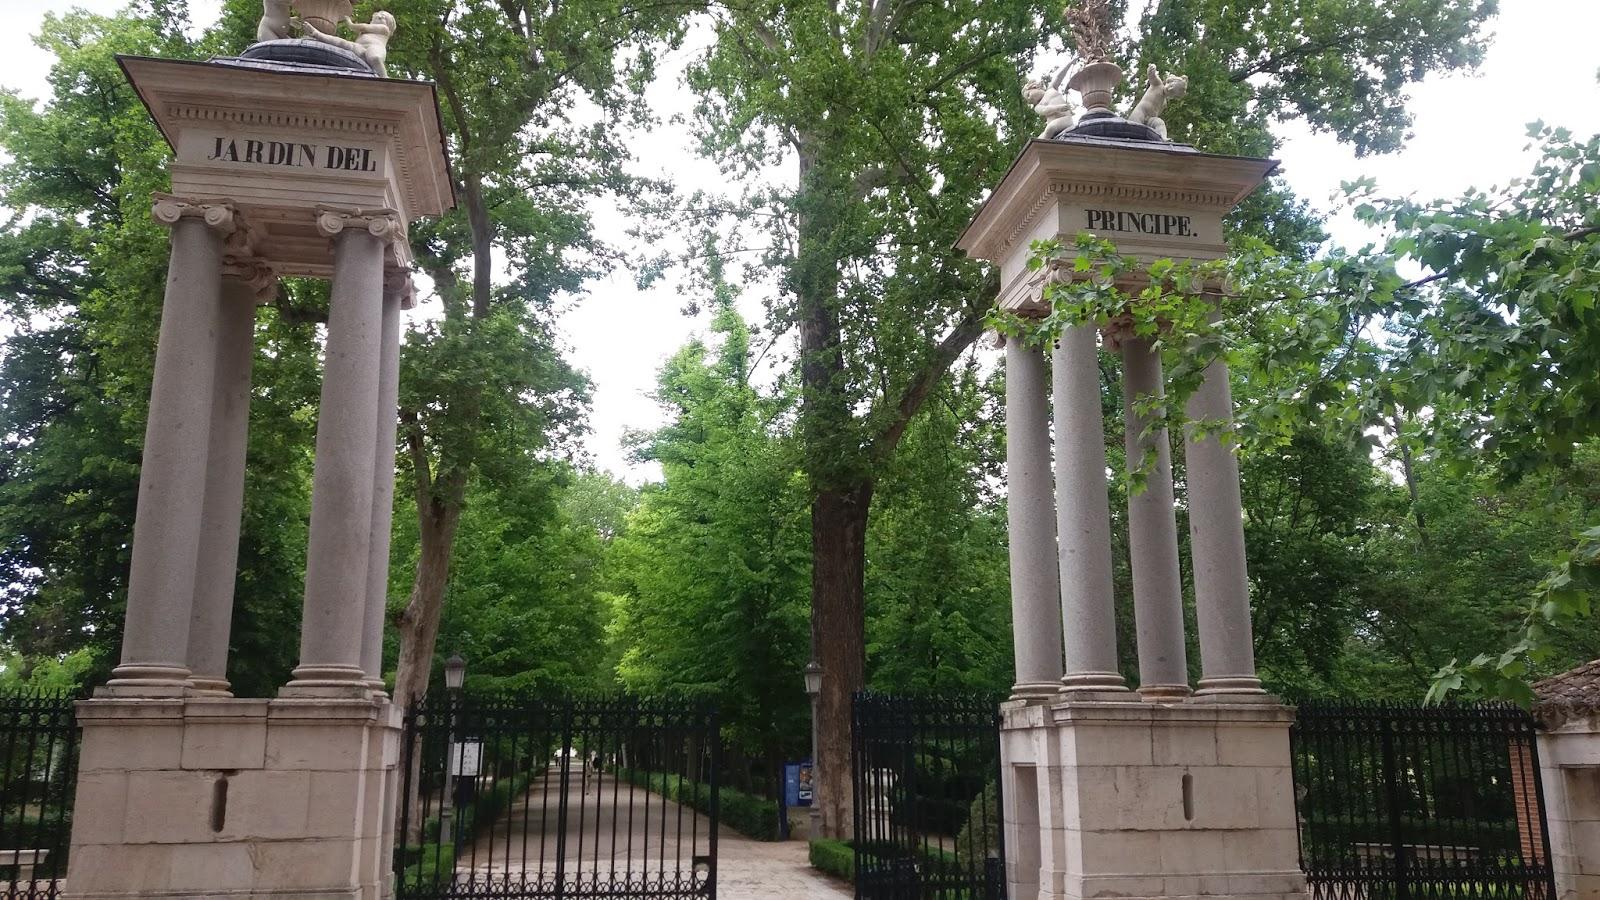 Madrid con encanto el jard n del pr ncipe en aranjuez for Restaurante jardin del principe en aranjuez